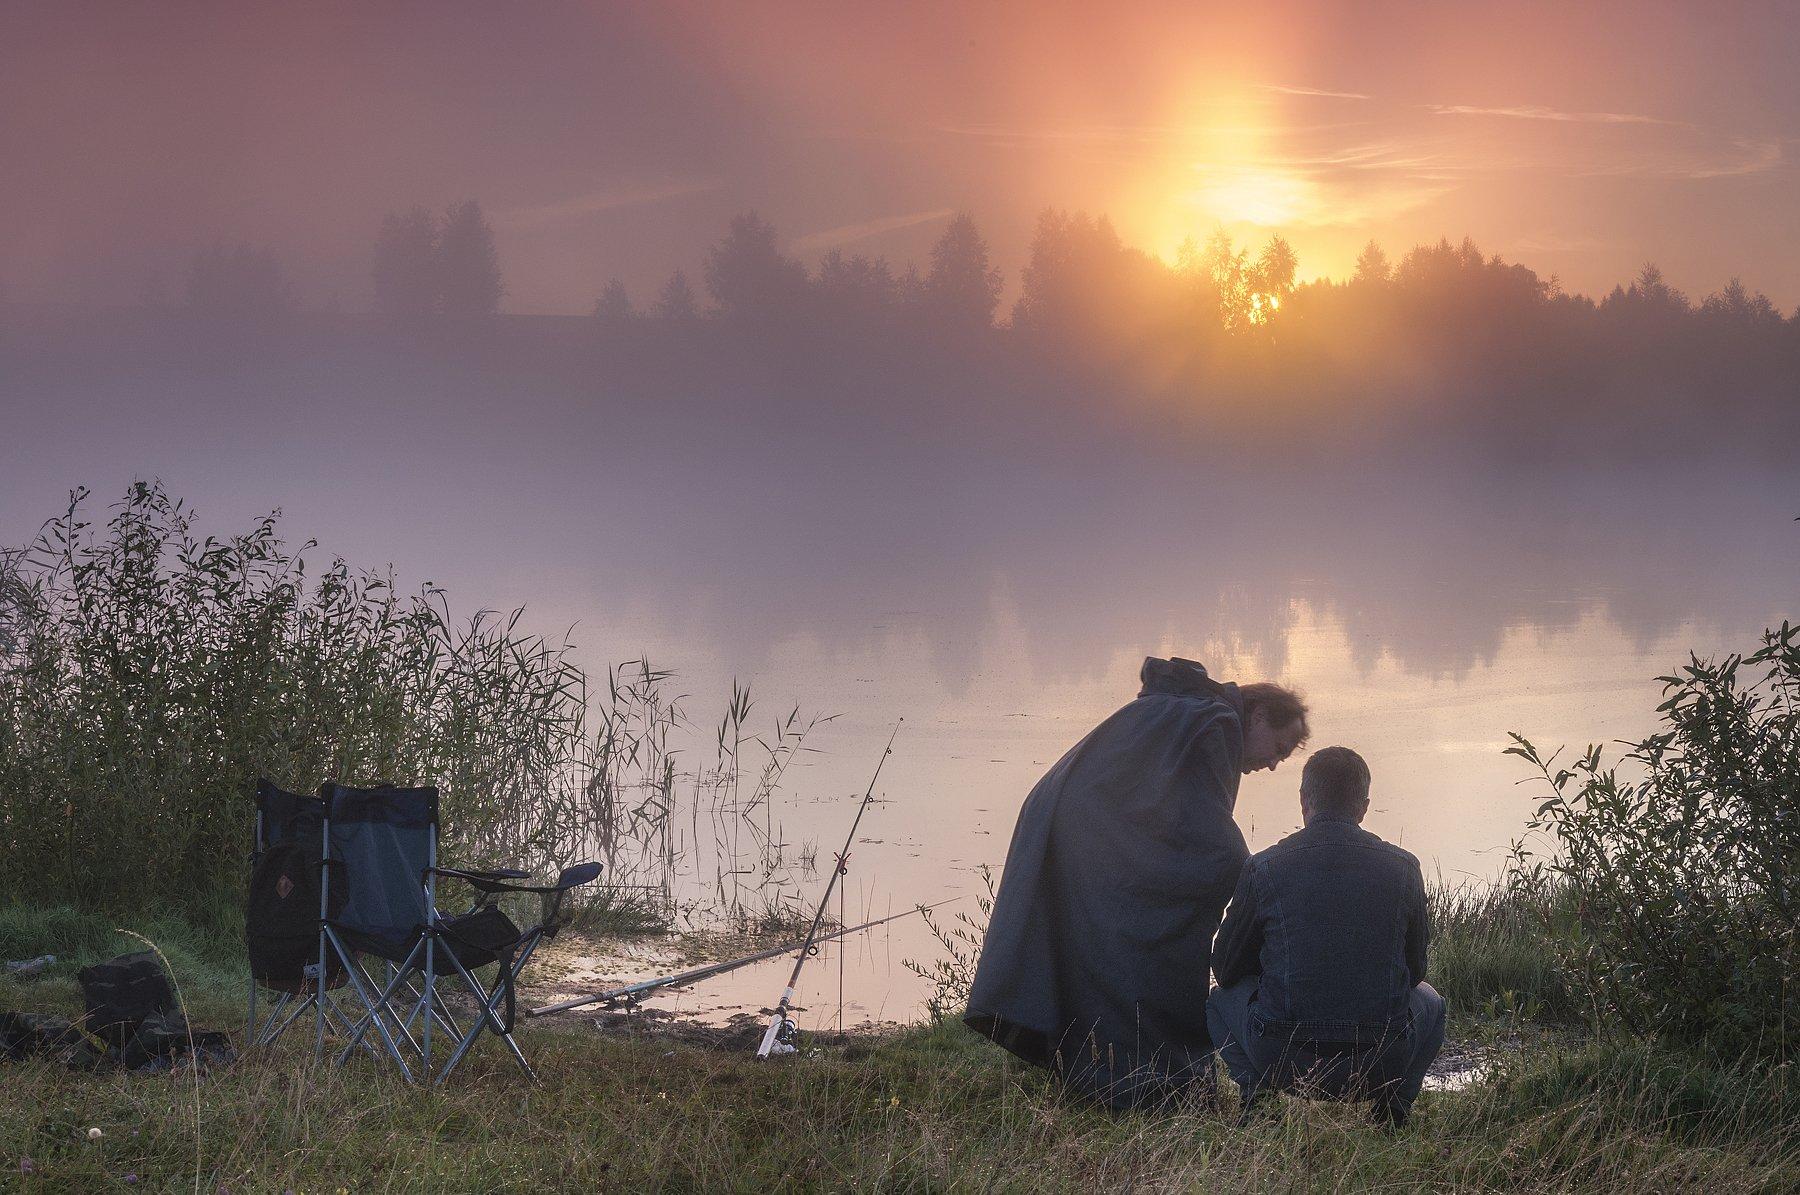 пейзаж,лето,река,туман,рассвет,рыбалка,россия,солнце , Павел Ныриков